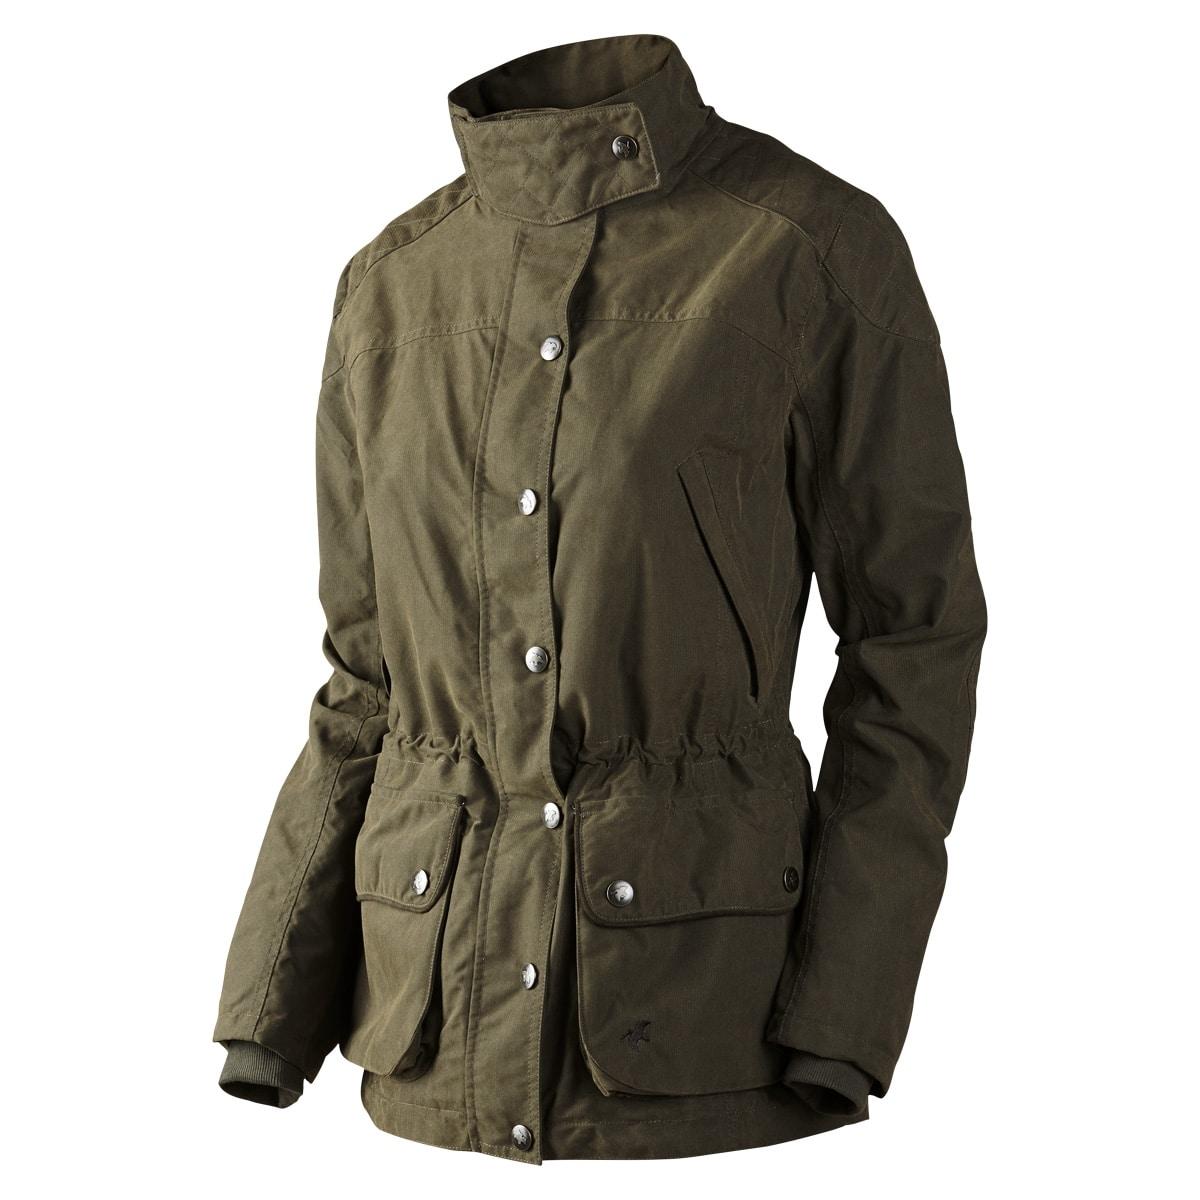 Seeland Ladies Woodcock Waterproof Jacket